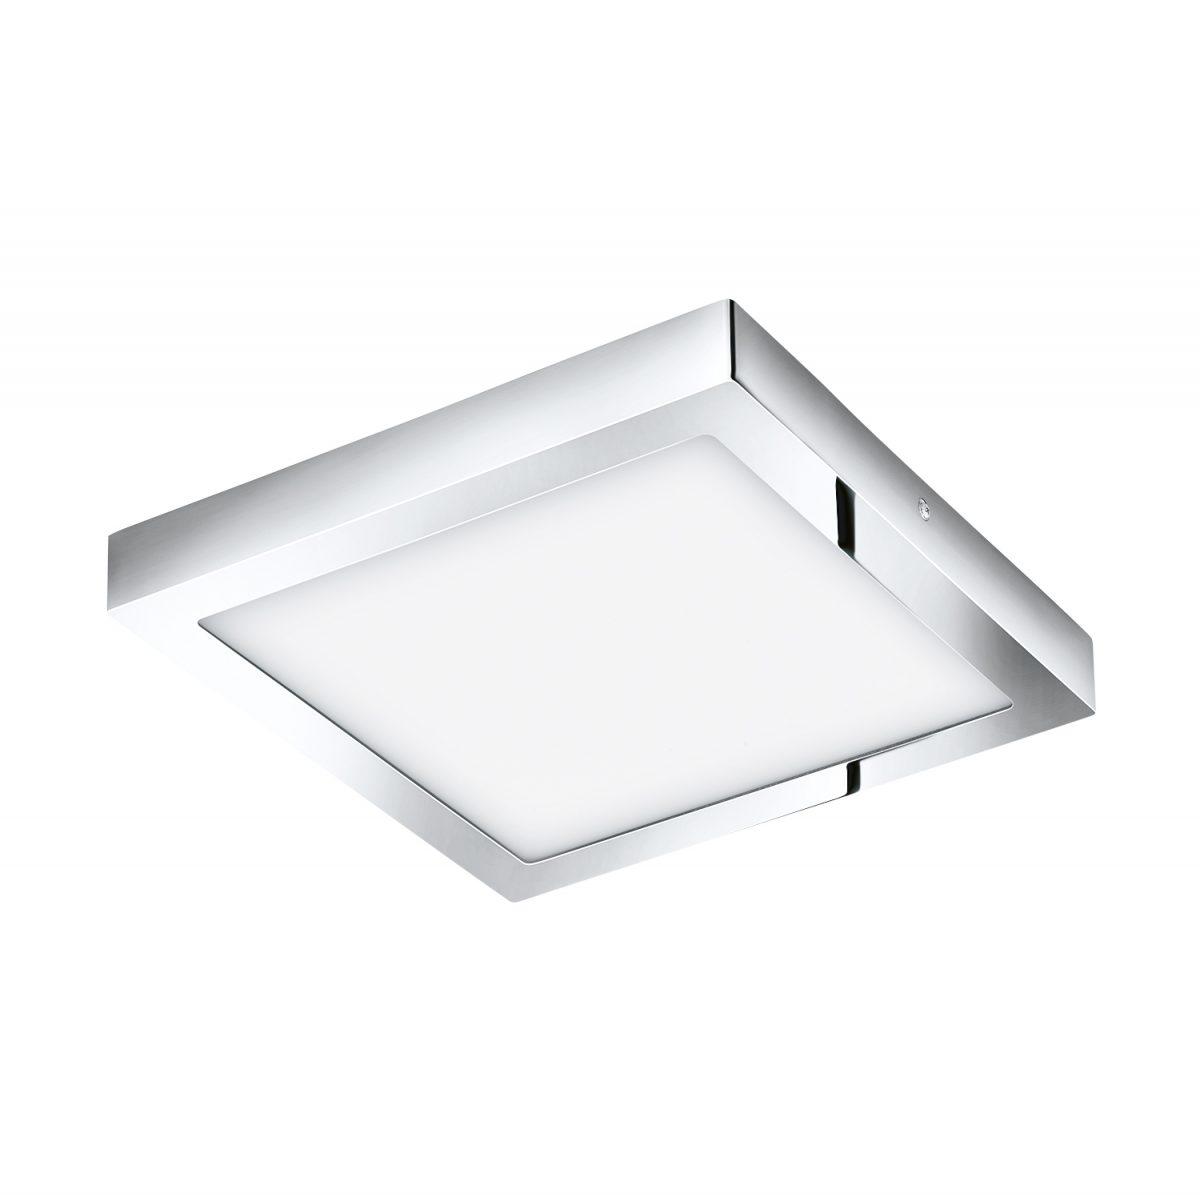 Светильник настенно-потолочный FUEVA 1 EGLO 96059 - Фото №28